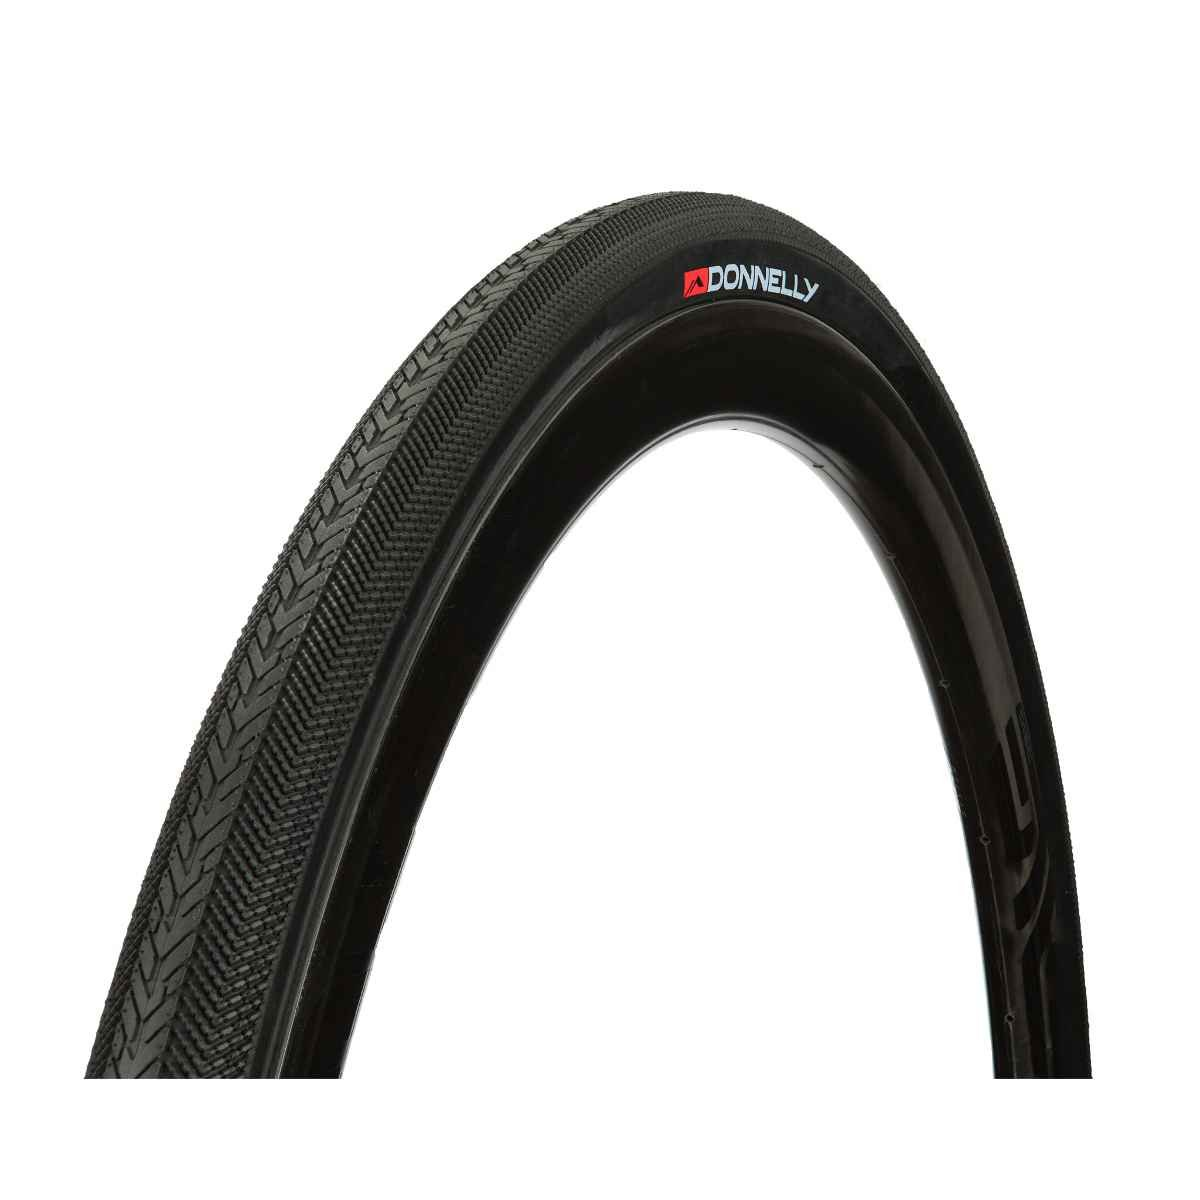 Clincher 700 x 32mm Clement Strada USH 60tpi Tire